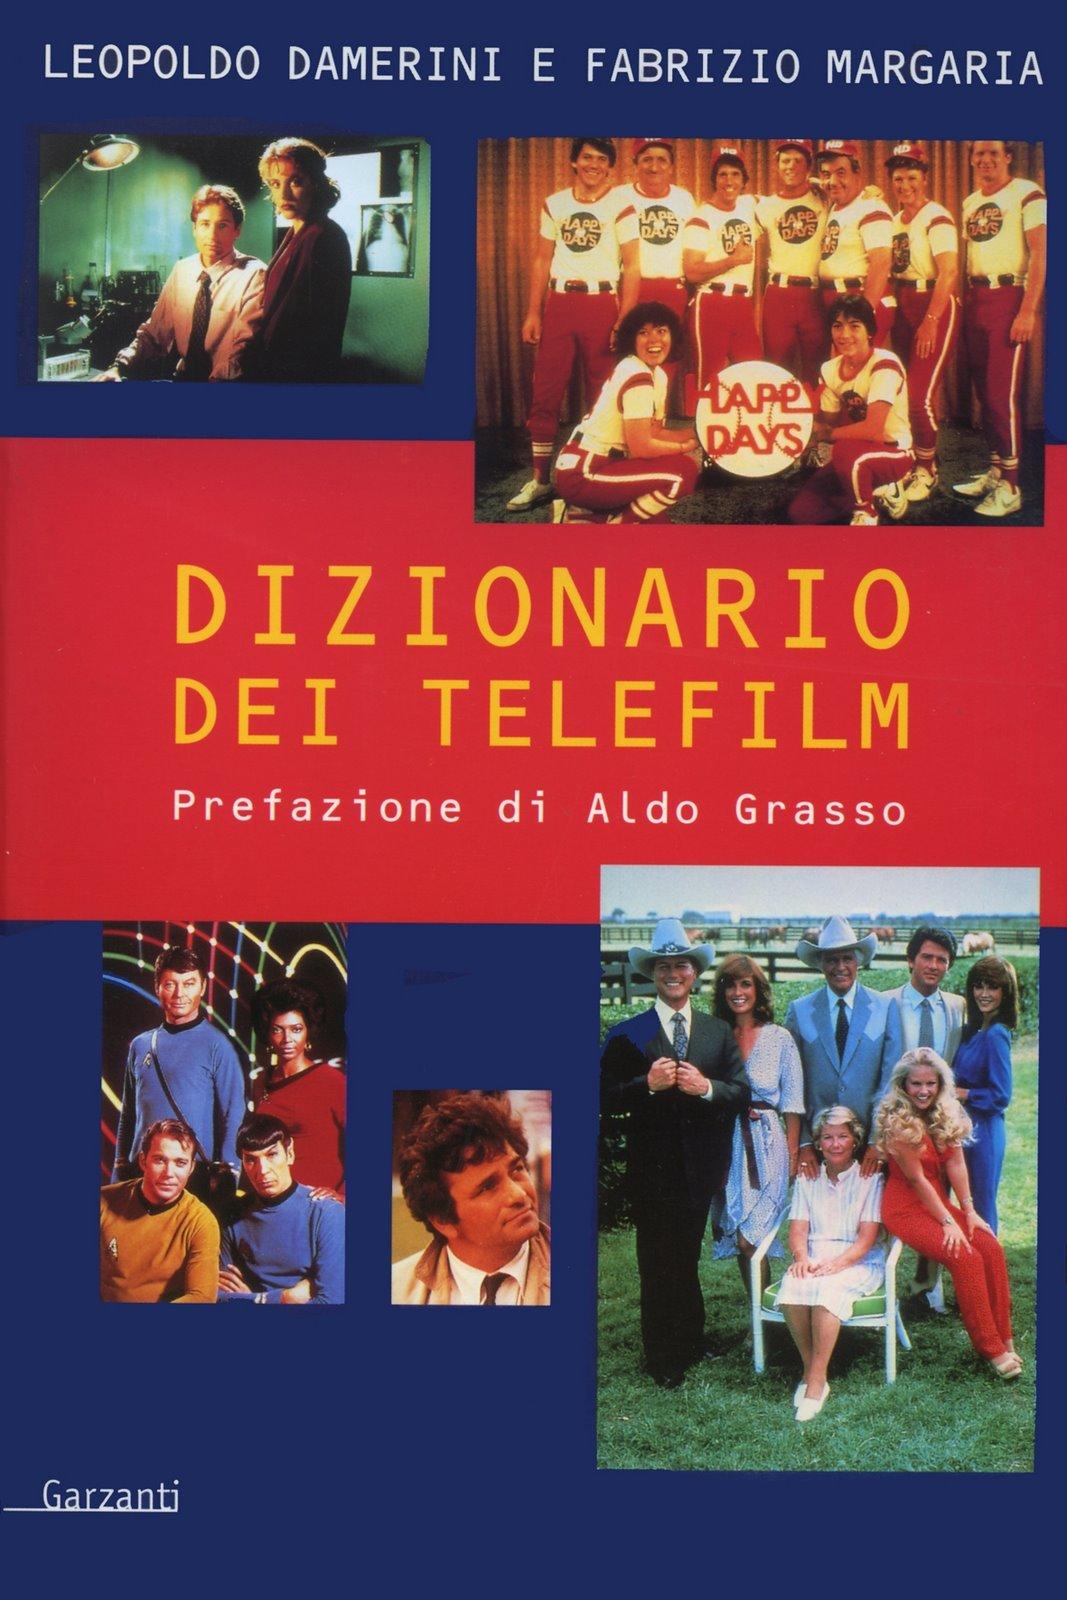 http://1.bp.blogspot.com/_TrH6fbB7krQ/SYckoo2lsTI/AAAAAAAAGj4/AOU4D0UBpug/S1600-R/Foto+Dizionario+dei+Telefilm+(2001).JPG